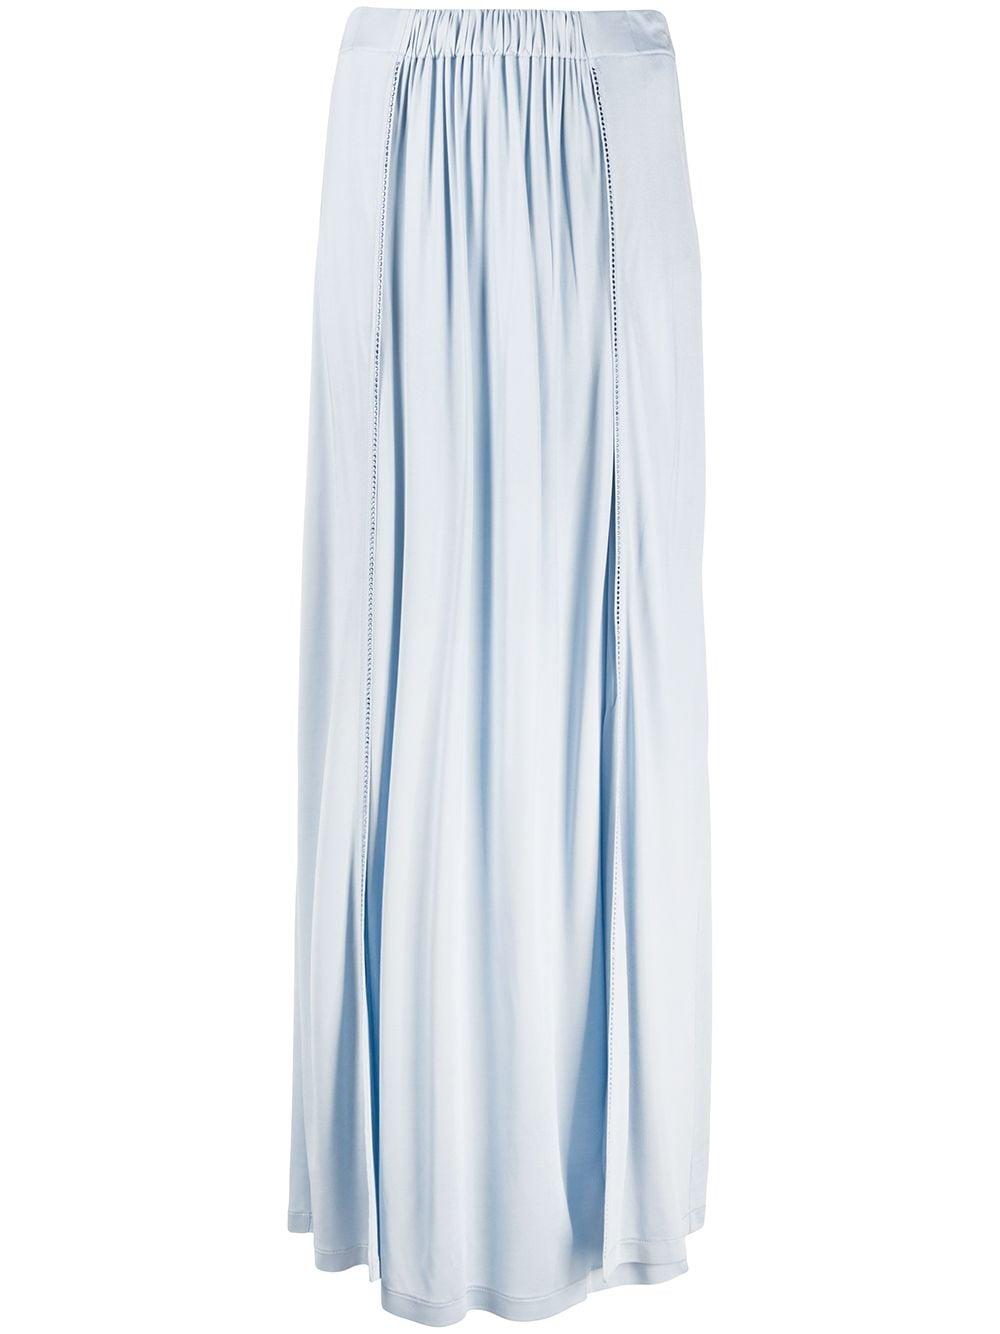 Stargaze Skirt